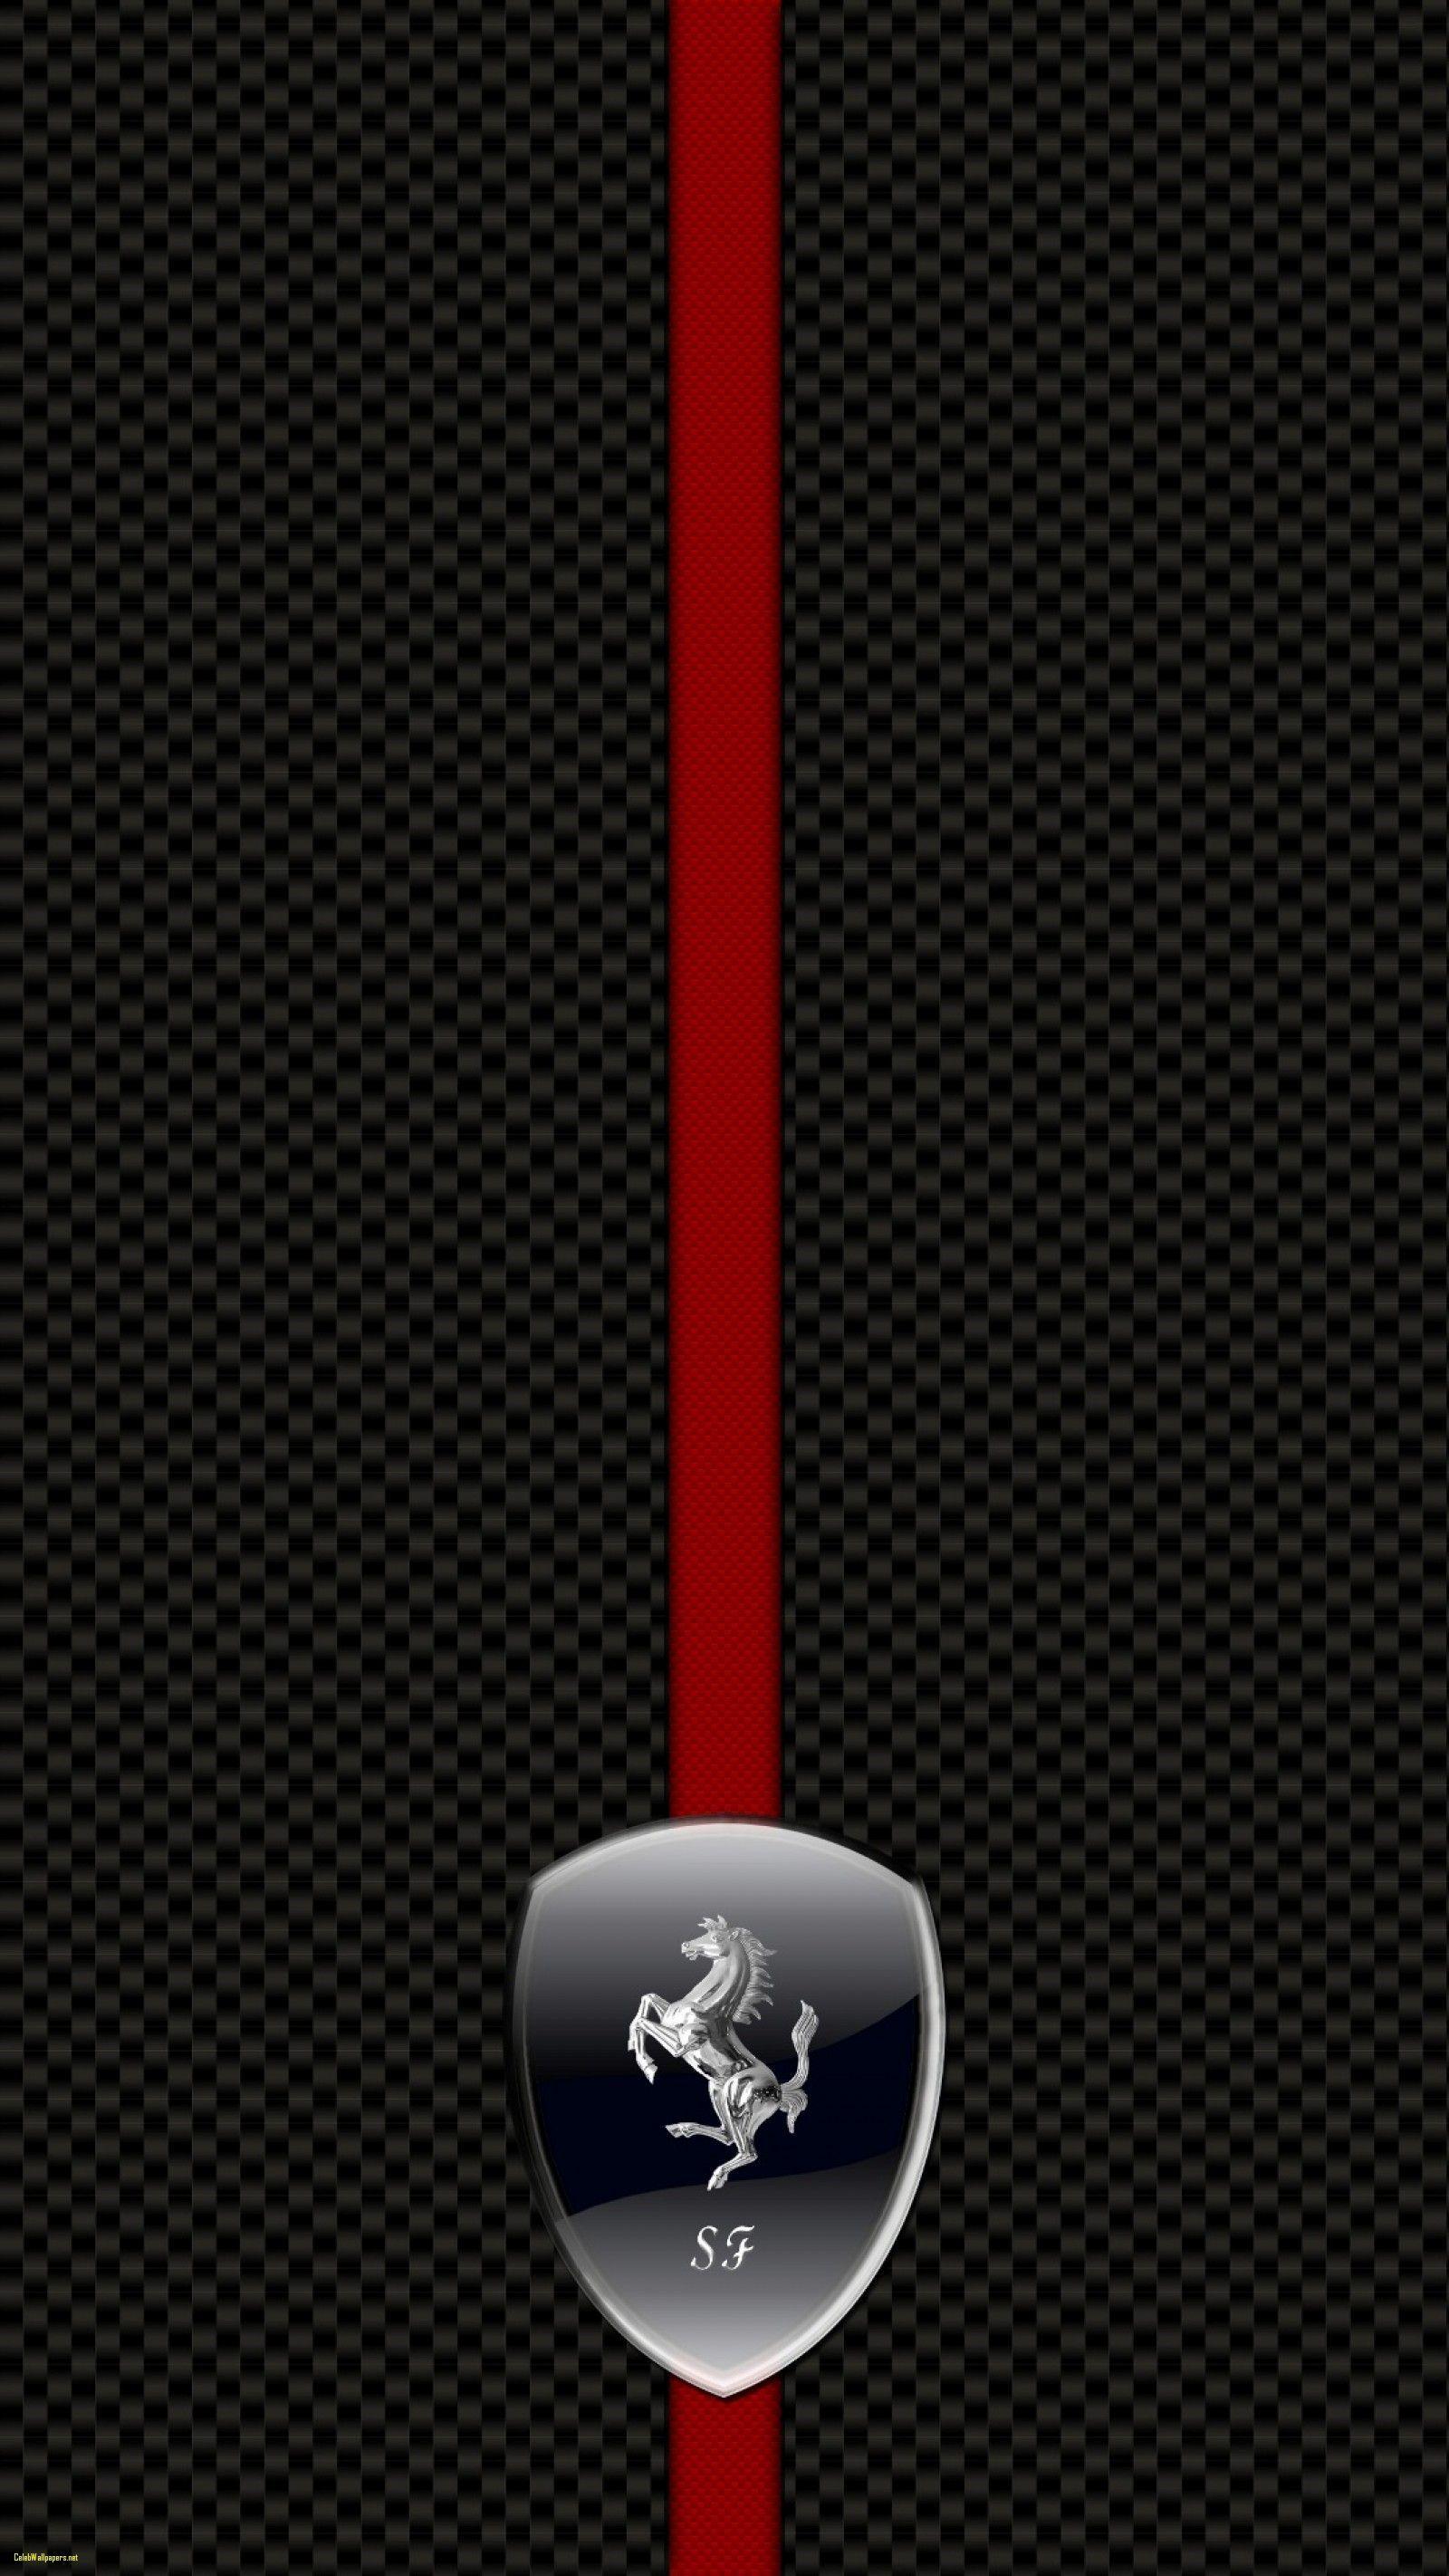 Ferrari Logo Wallpapers Top Free Ferrari Logo Backgrounds Wallpaperaccess Ferrari Logo Logo Wallpaper Hd Mercedes Wallpaper